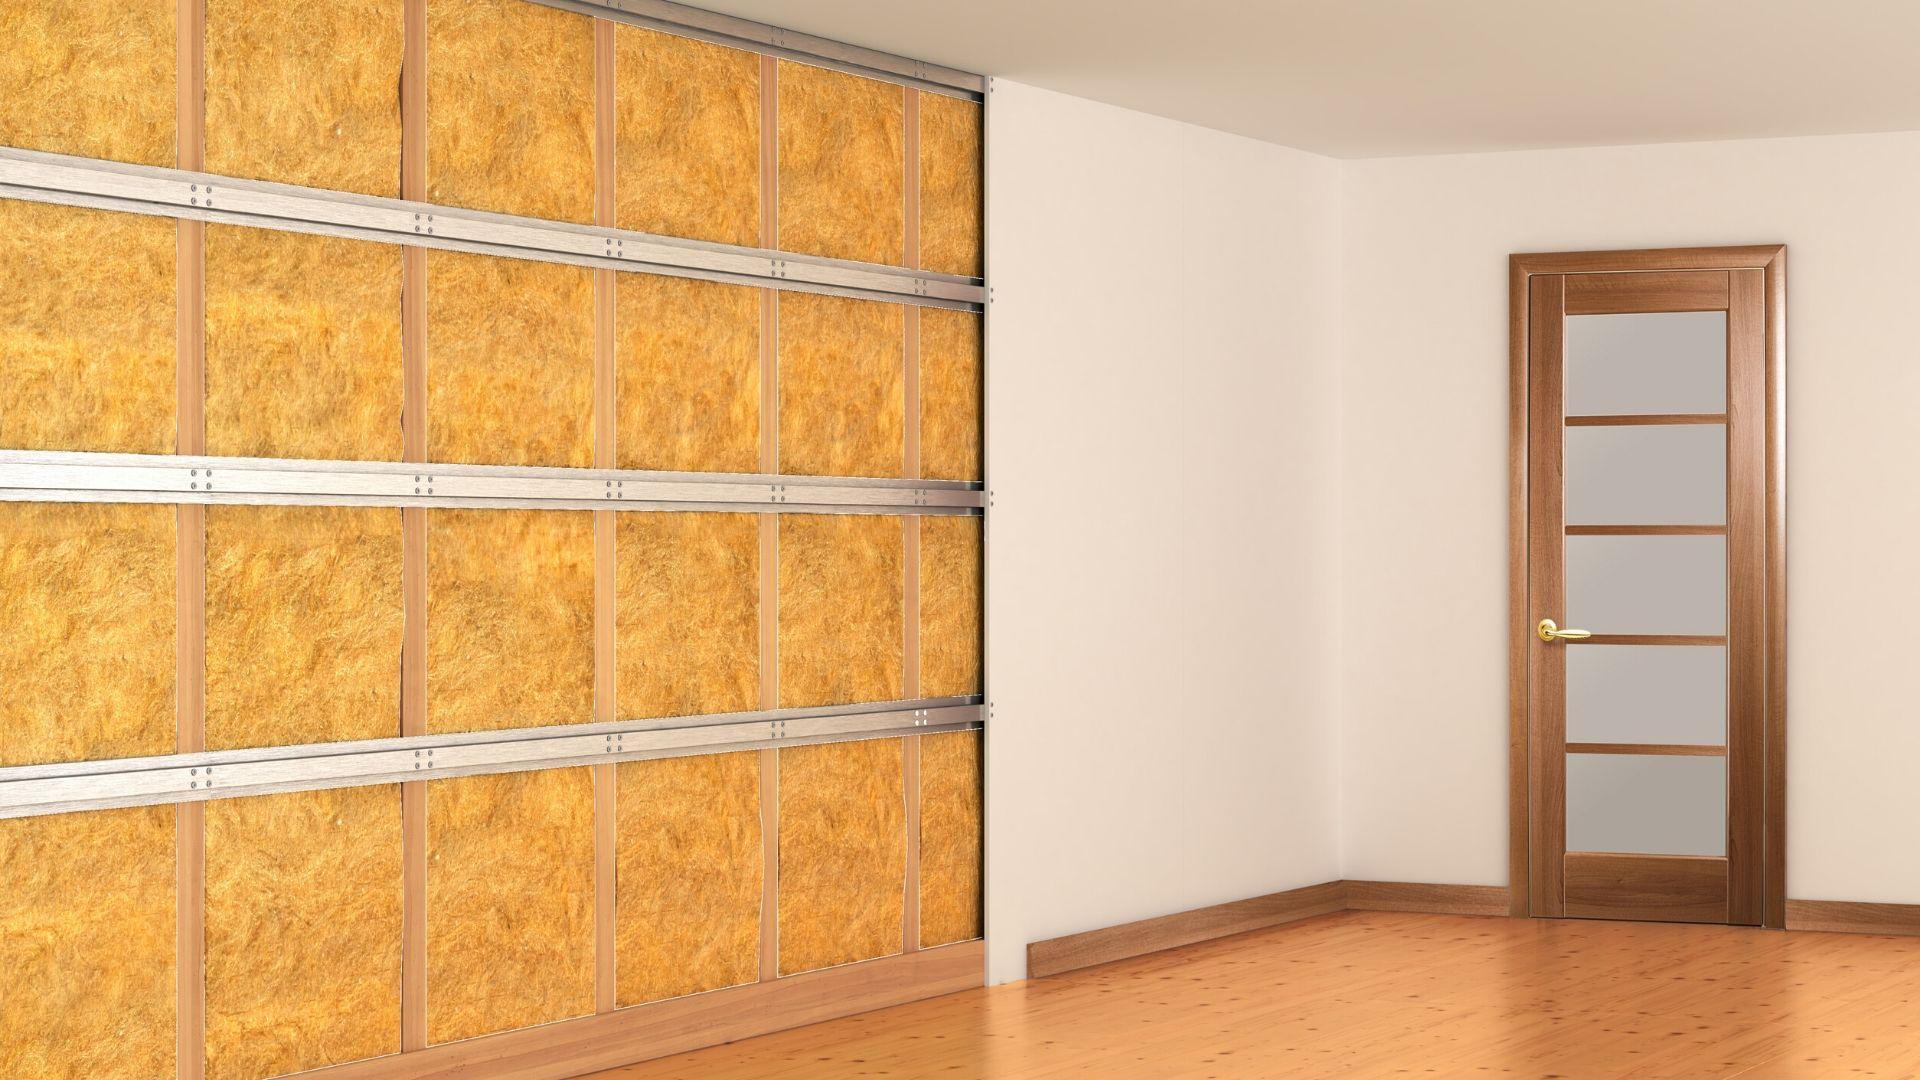 Rumore Nel Muro Di Casa come insonorizzare una casa dal rumore esterno? breve guida